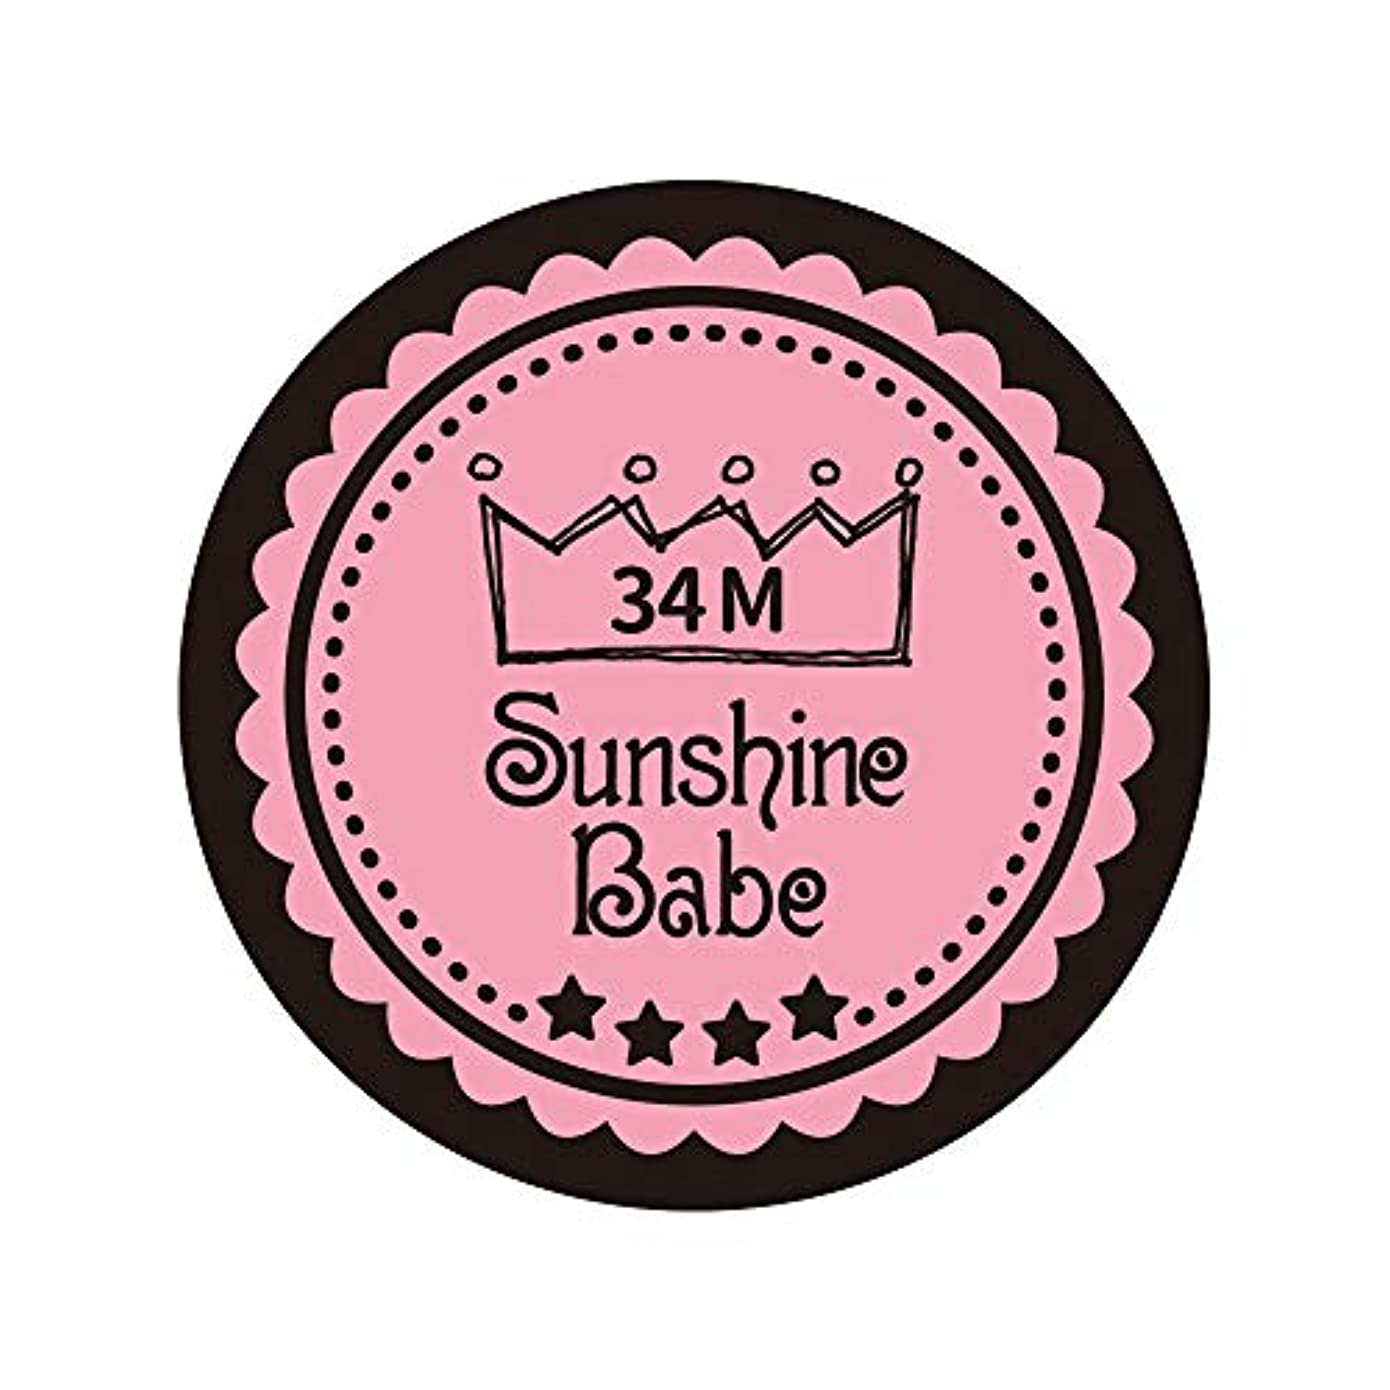 ハウジング滞在発表Sunshine Babe カラージェル 34M メロウローズ 2.7g UV/LED対応